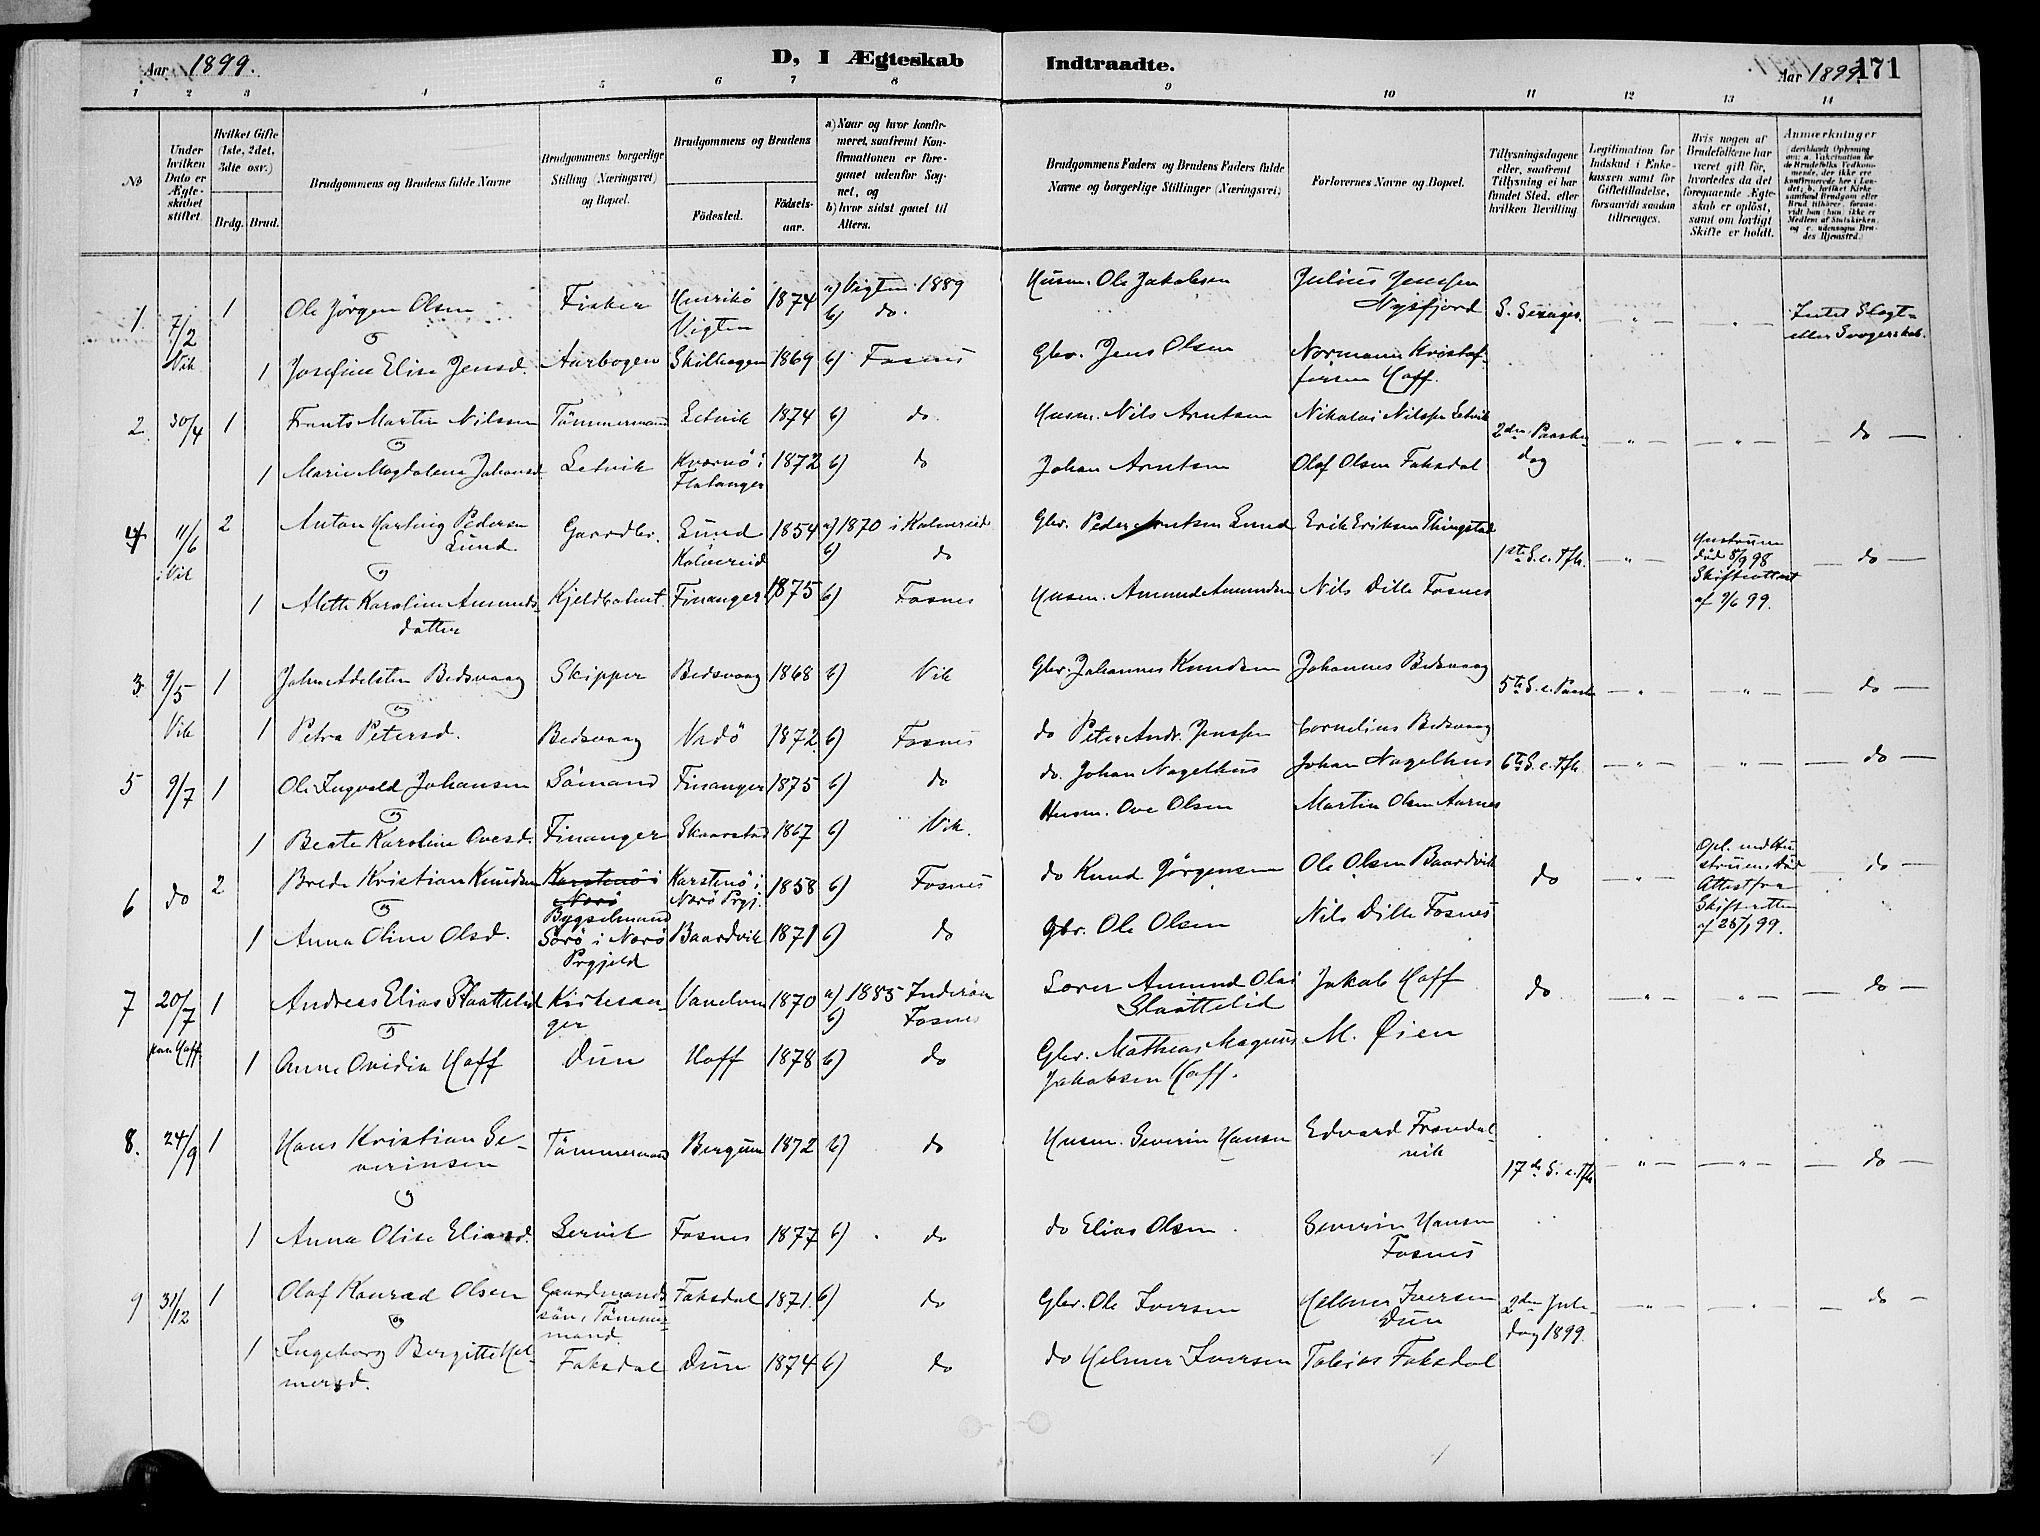 SAT, Ministerialprotokoller, klokkerbøker og fødselsregistre - Nord-Trøndelag, 773/L0617: Ministerialbok nr. 773A08, 1887-1910, s. 171